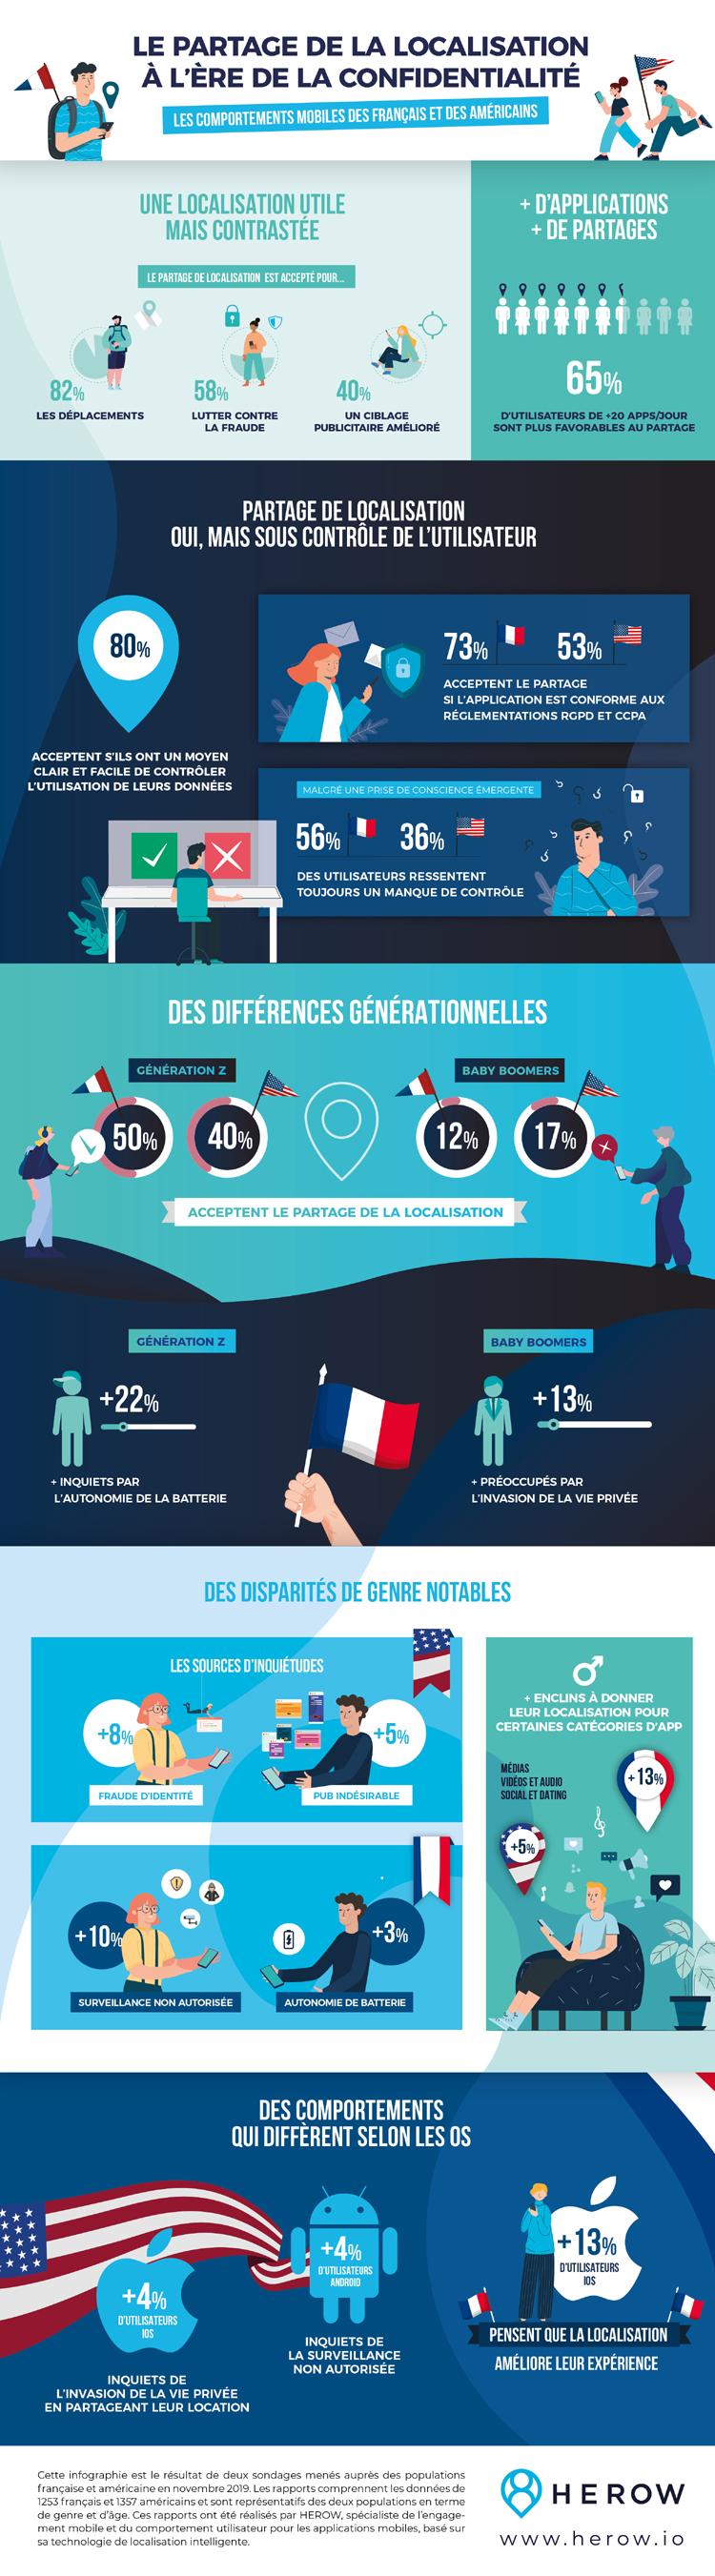 Les Français et les Américains sont conscients face à la localisation de leurs données